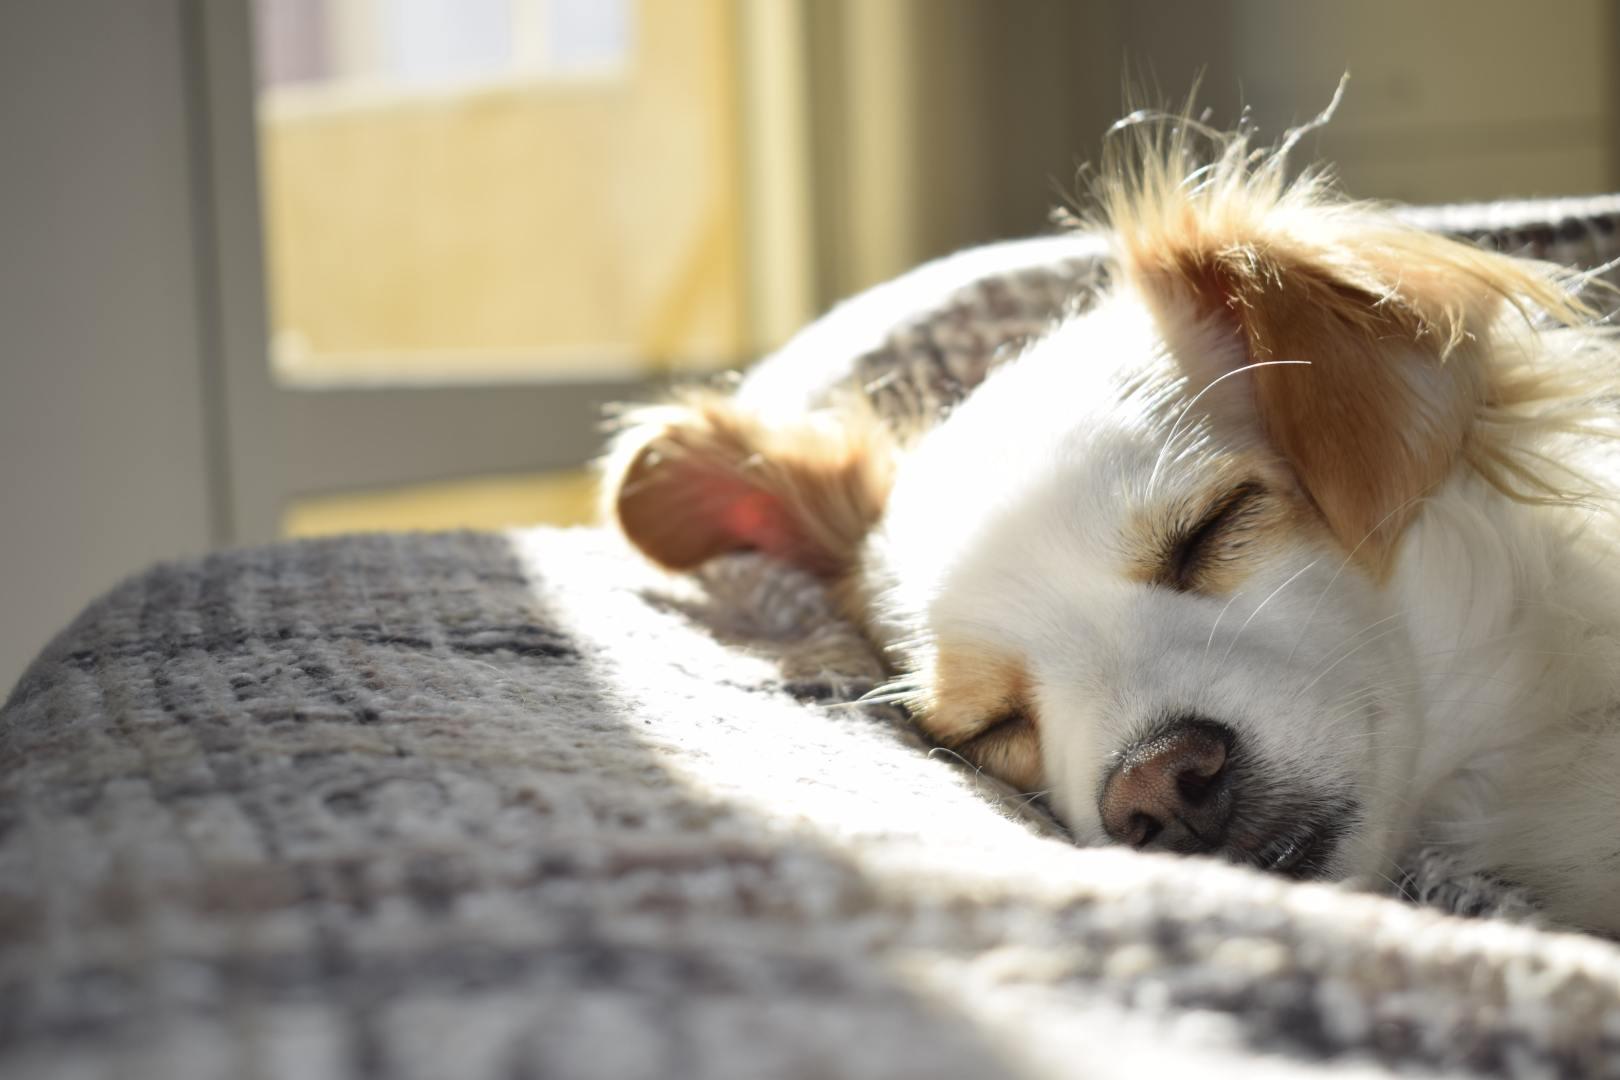 Comment savoir si un chien a des puces?